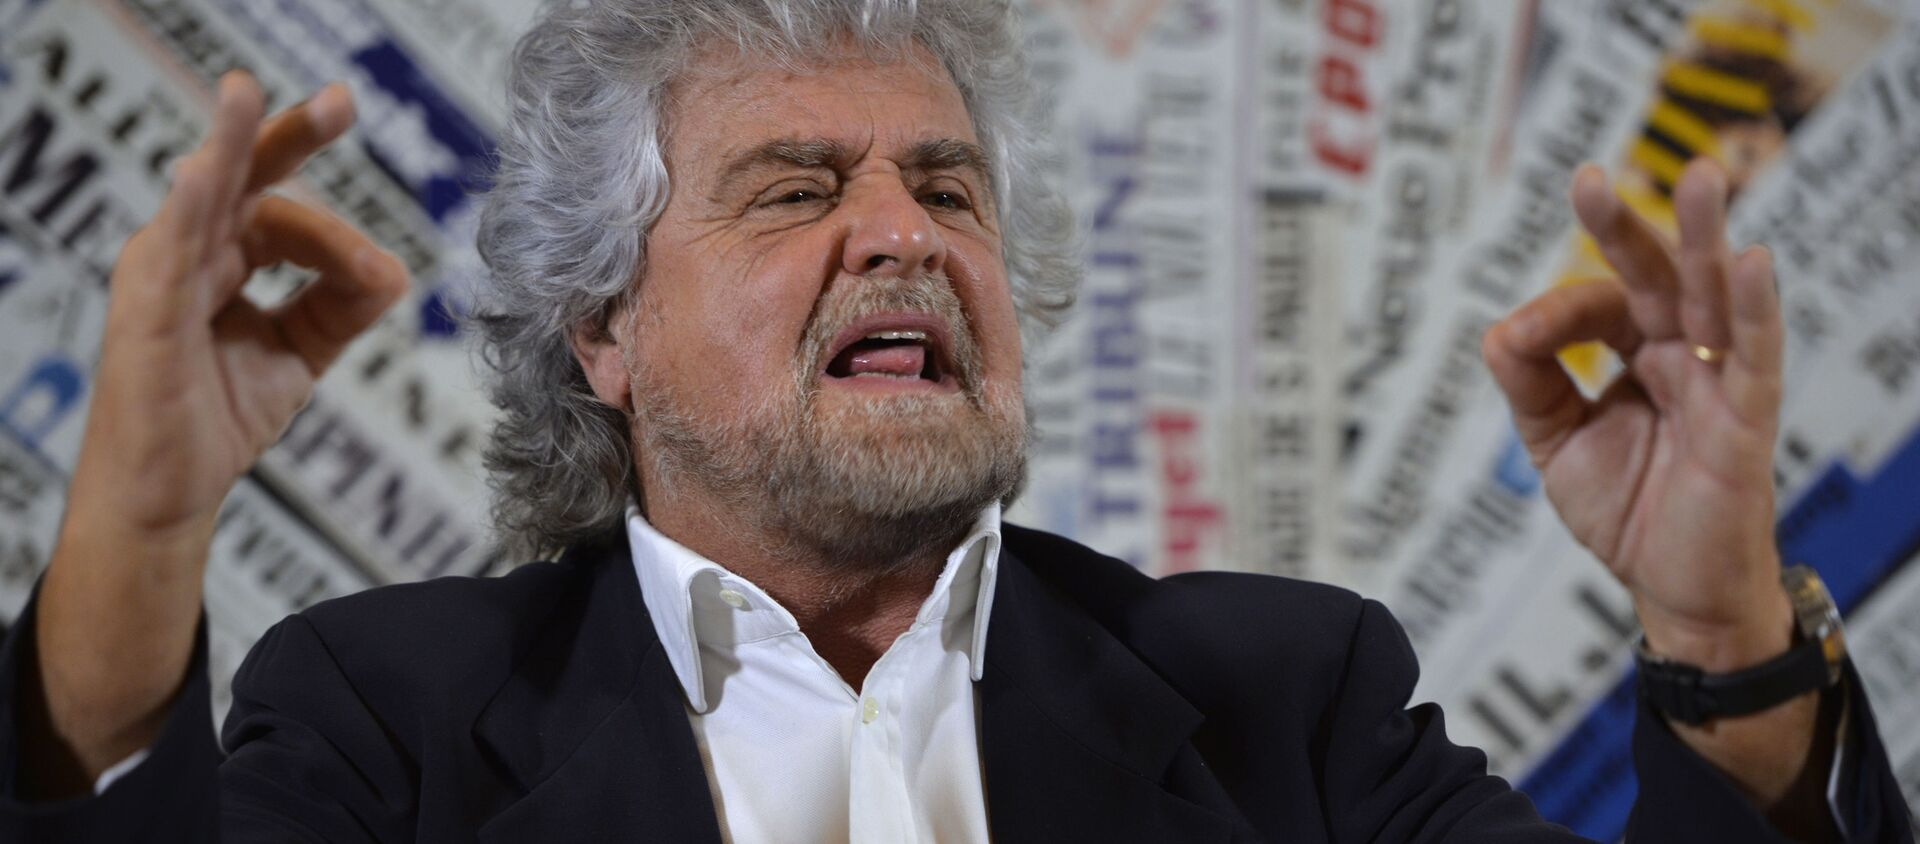 Il leader del Movemento 5 stelle Beppe Grillo - Sputnik Italia, 1920, 10.02.2021